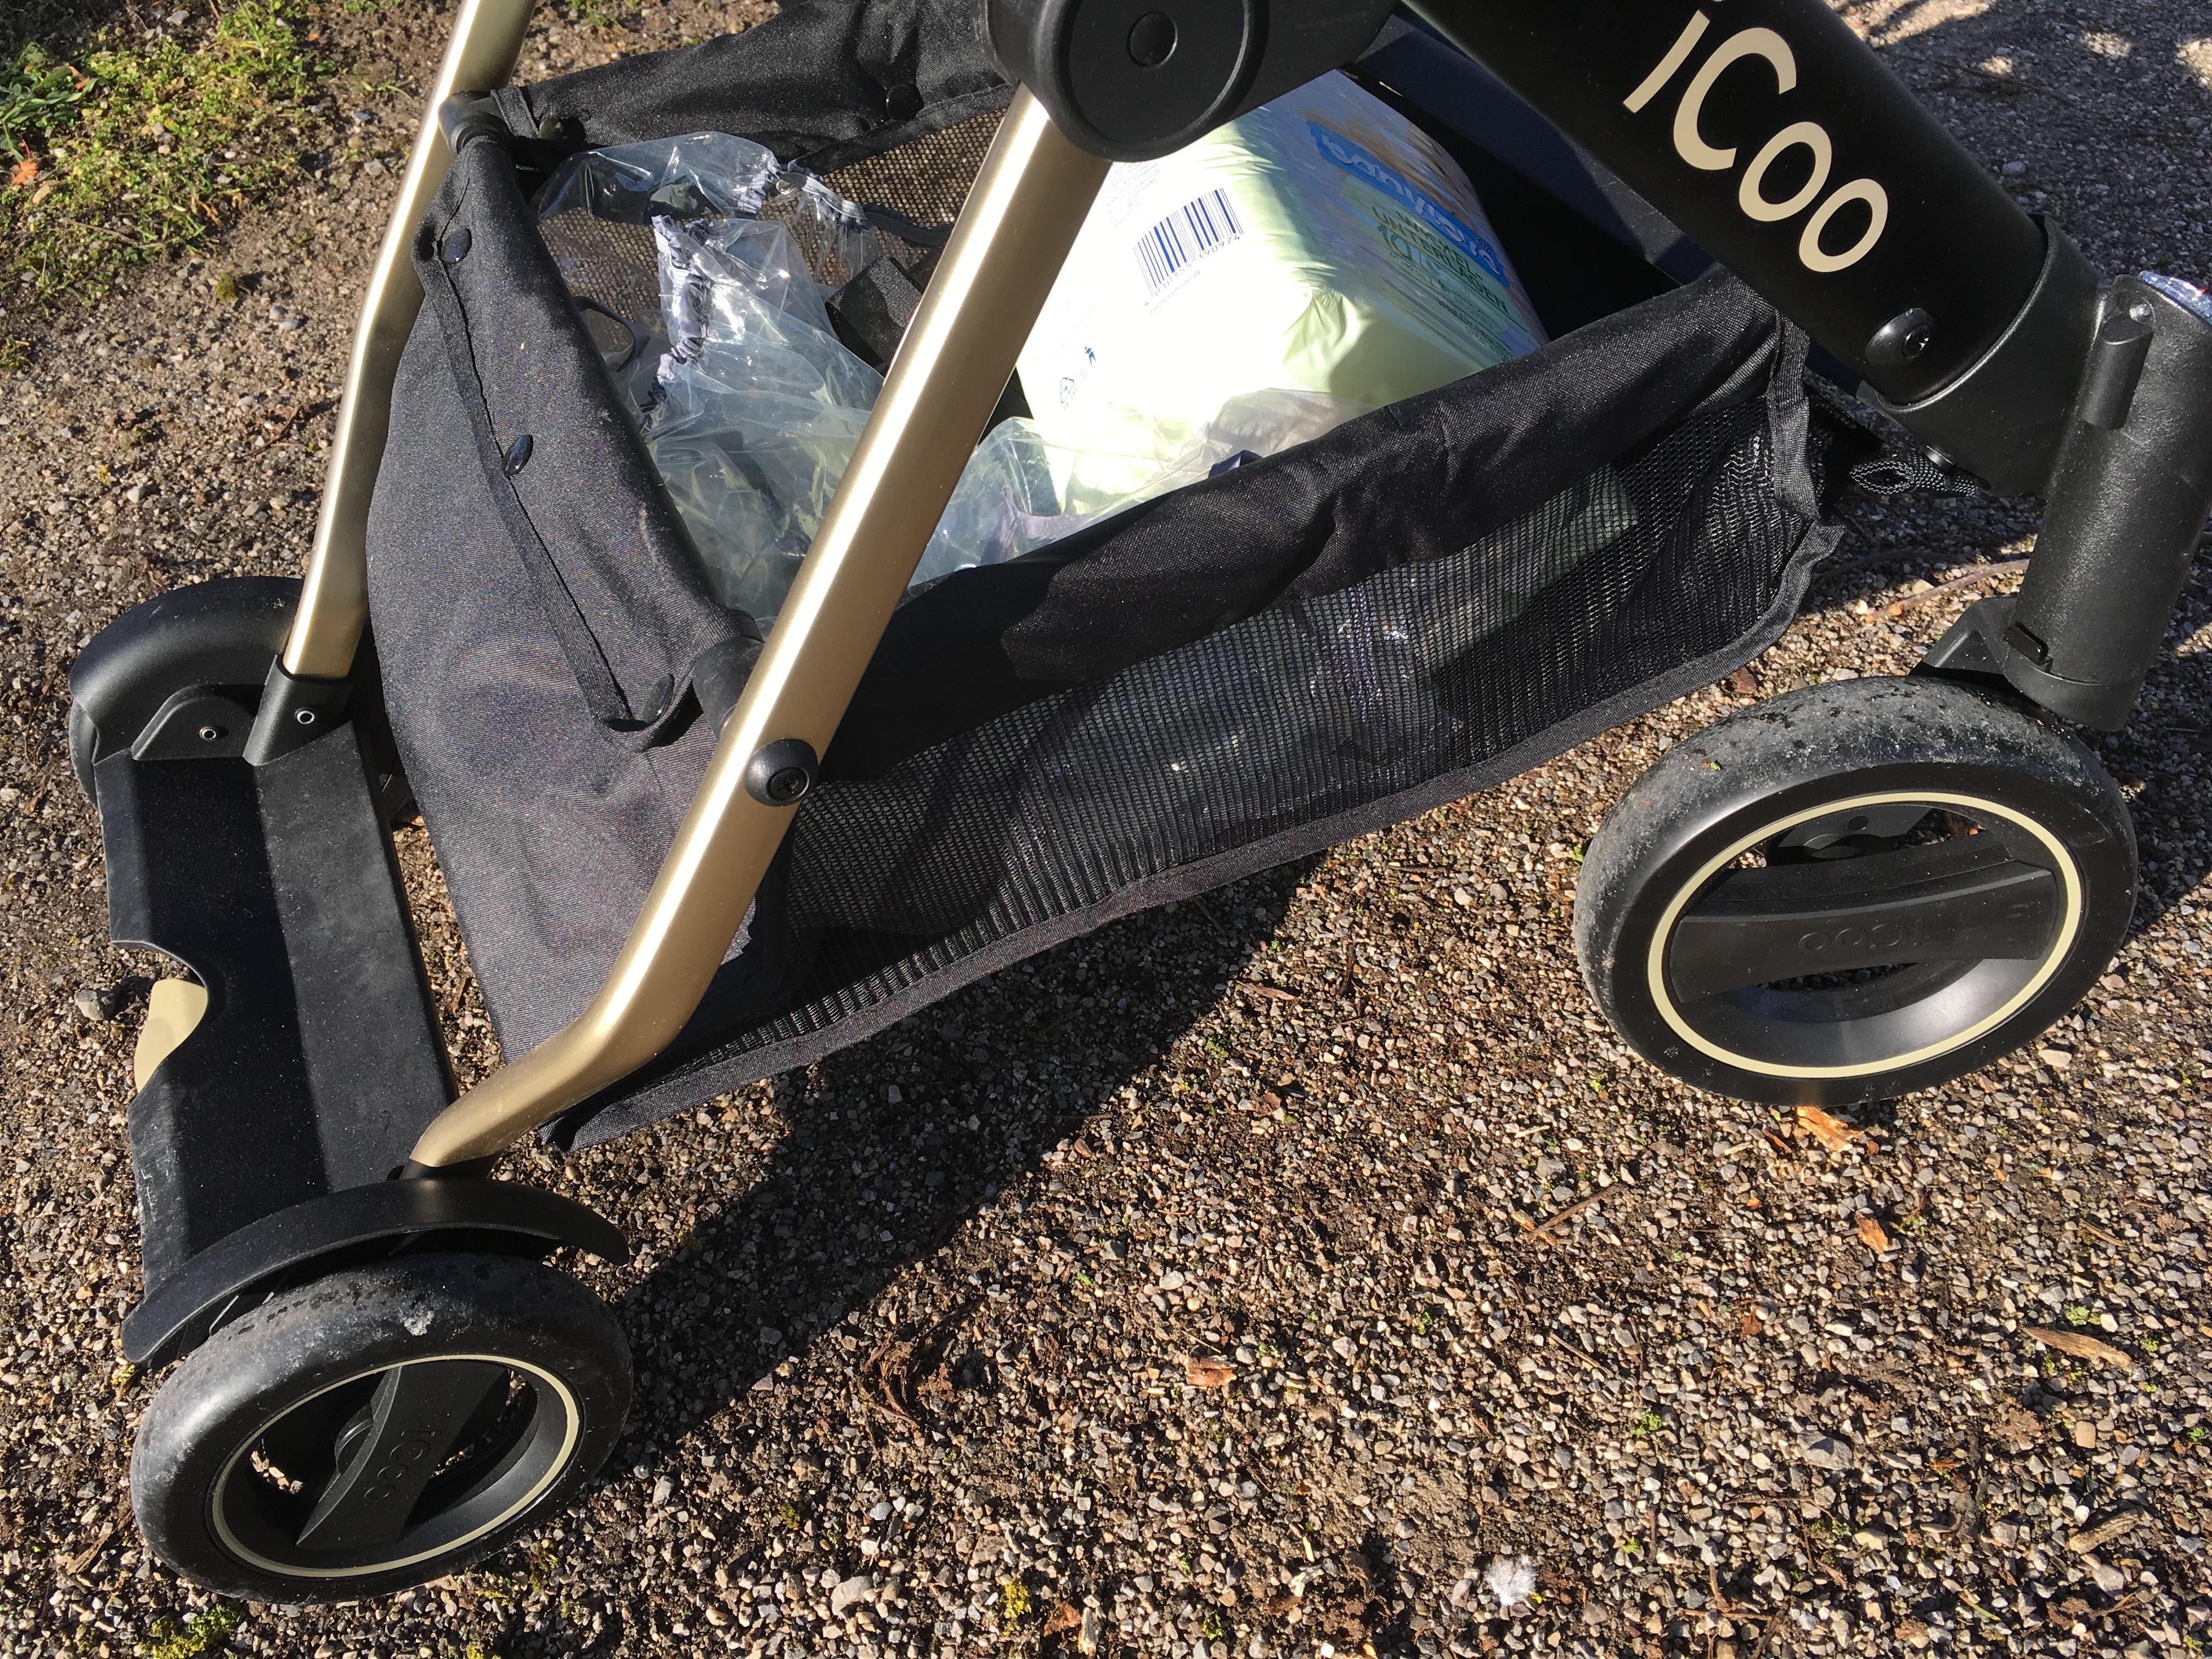 iCoo Kinderwagen Acrobat XL Plus Stauraum